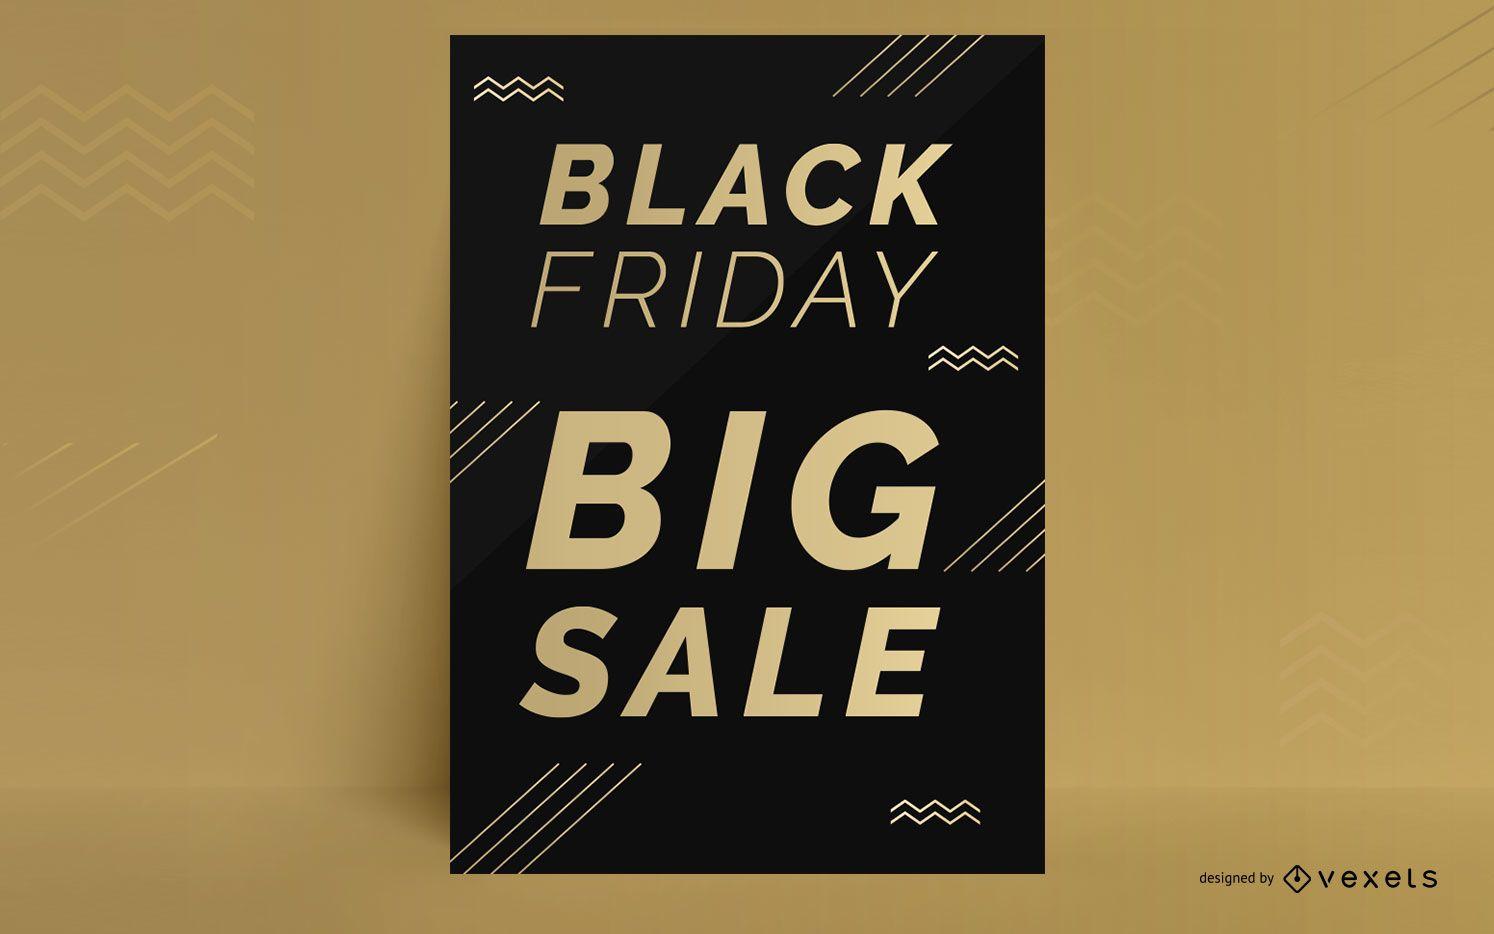 Diseño de cartel de descuento de viernes negro